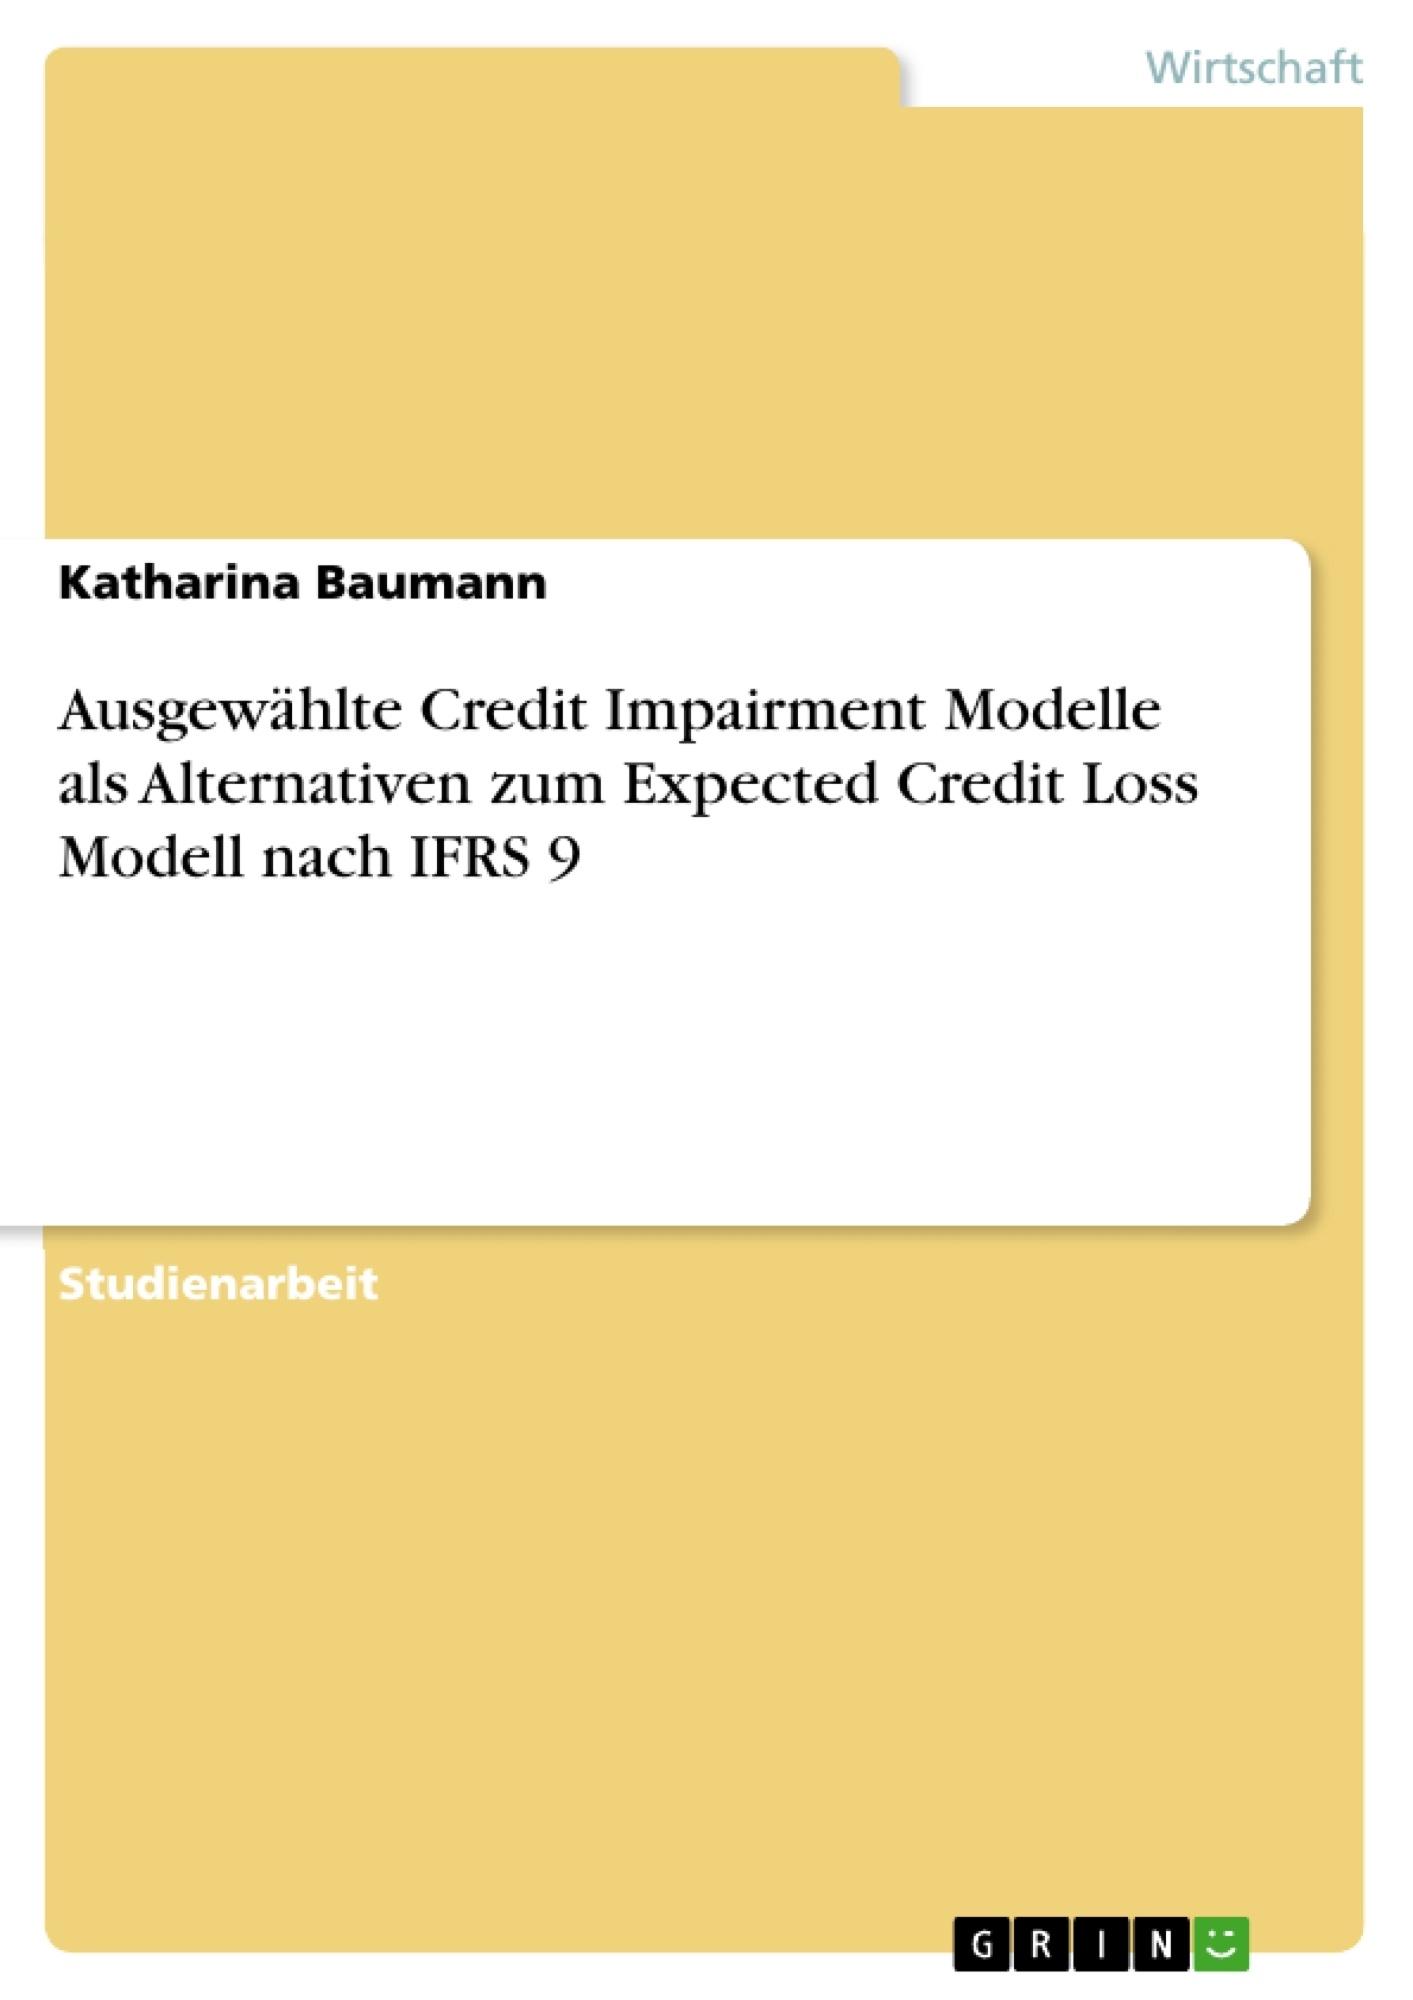 Titel: Ausgewählte Credit Impairment Modelle als Alternativen zum Expected Credit Loss Modell nach IFRS 9